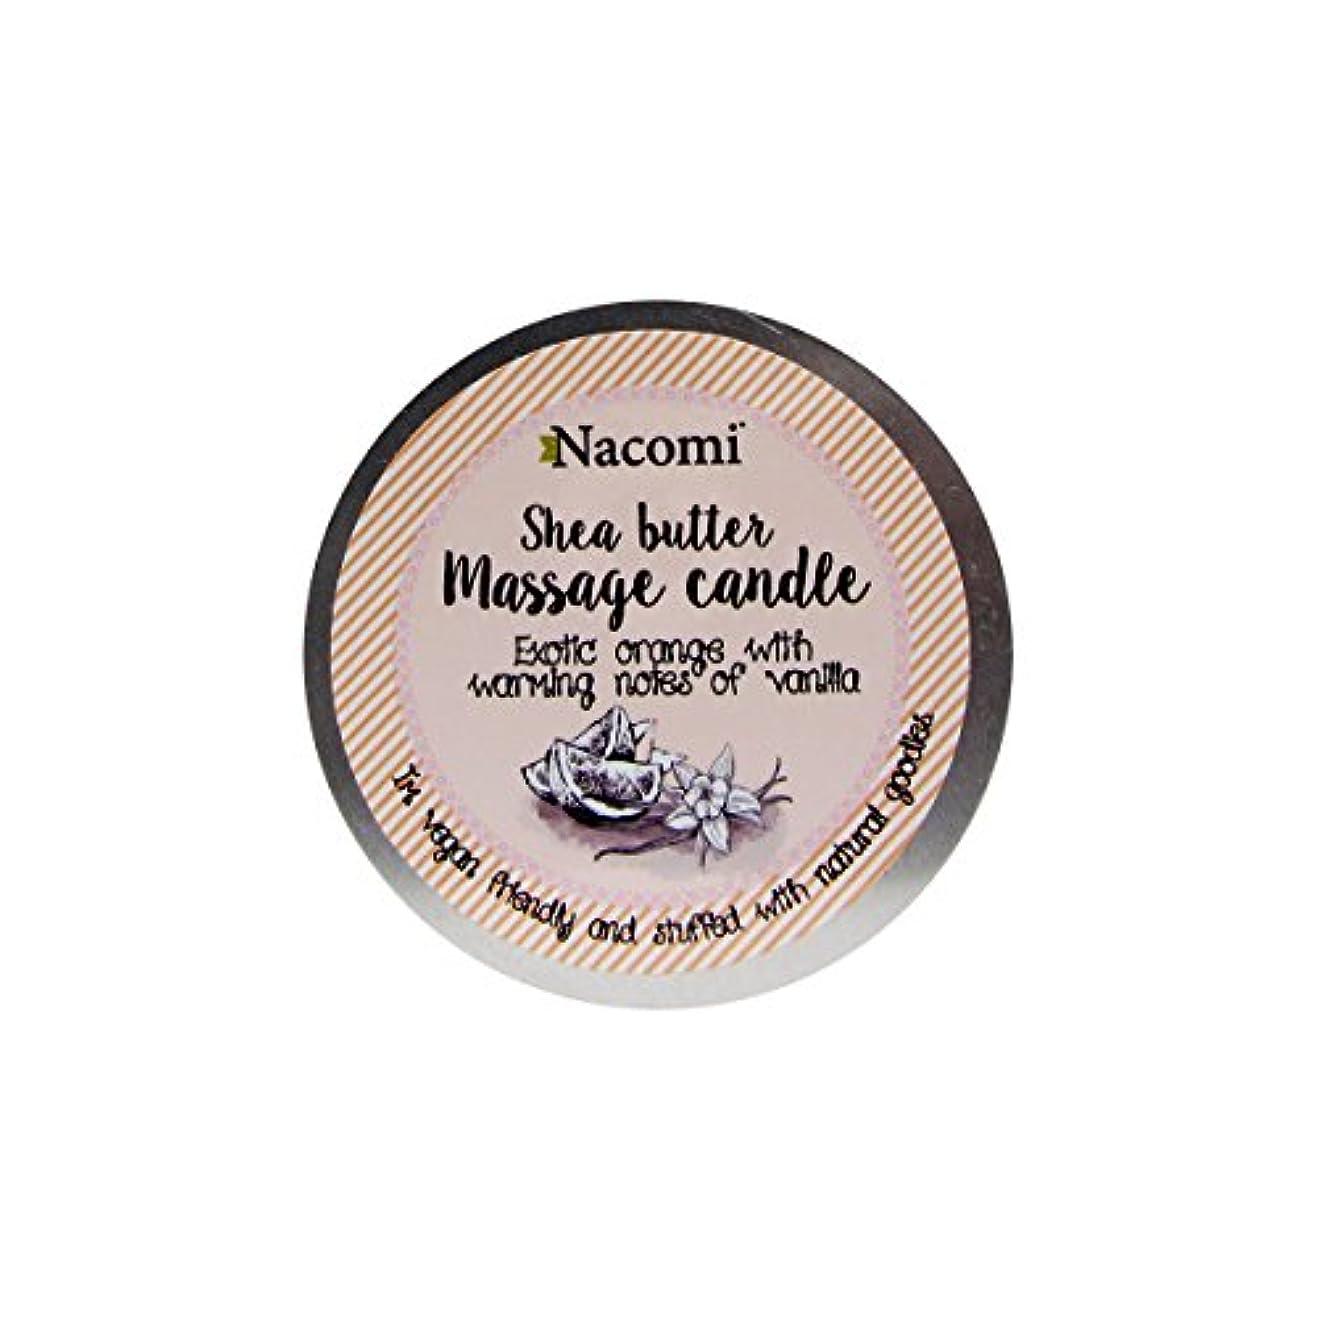 容量オペラ等しいNacomi Shea Butter Massage Candle Exotic Orange With Warming Notes Of Vanilla 150g [並行輸入品]